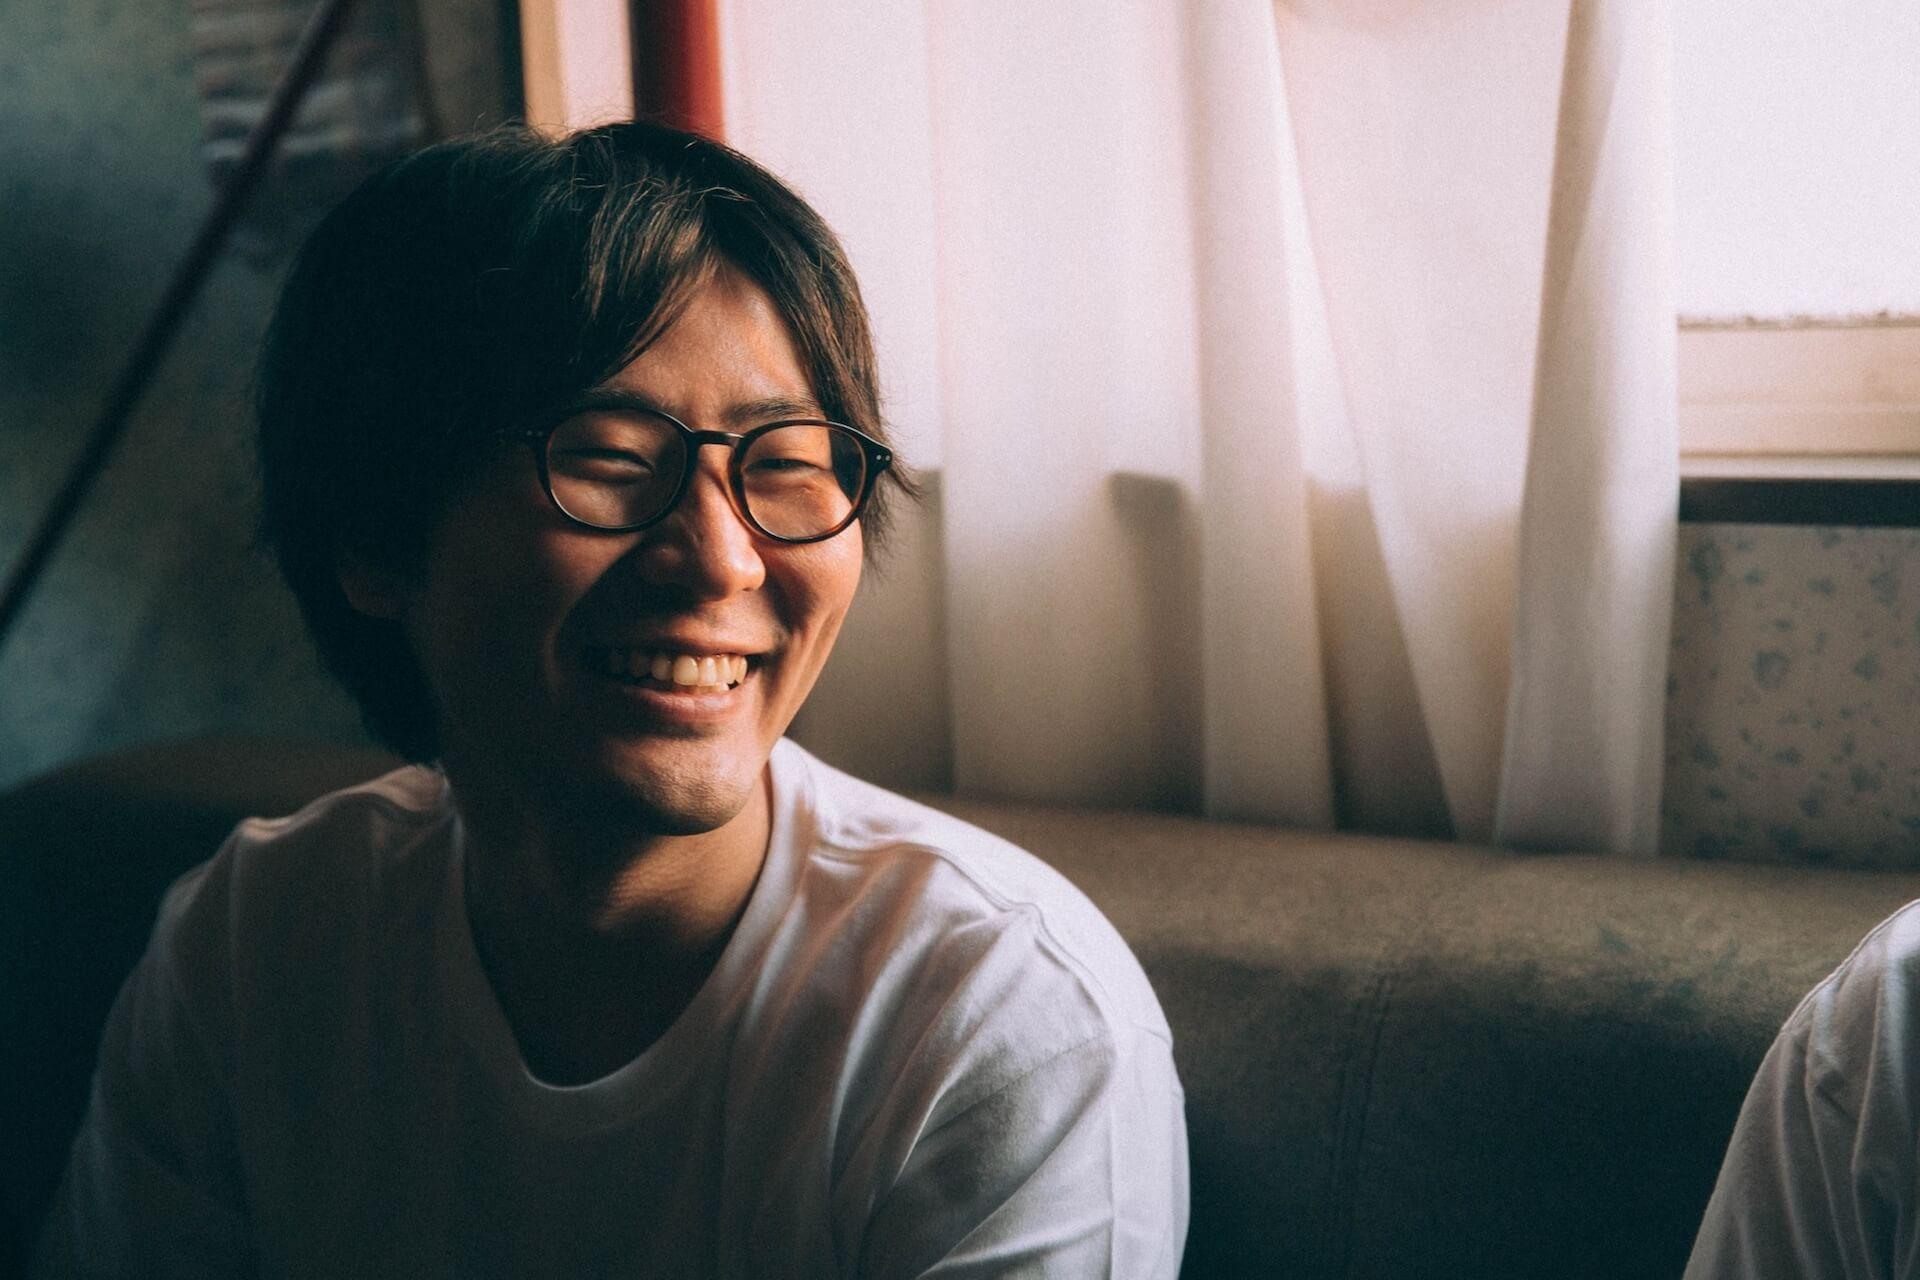 神谷亮佑×カンパニー松尾 対談|GEZAN映画『Tribe Called Discord』に存在する問いかけについて interview-gezan-film-6